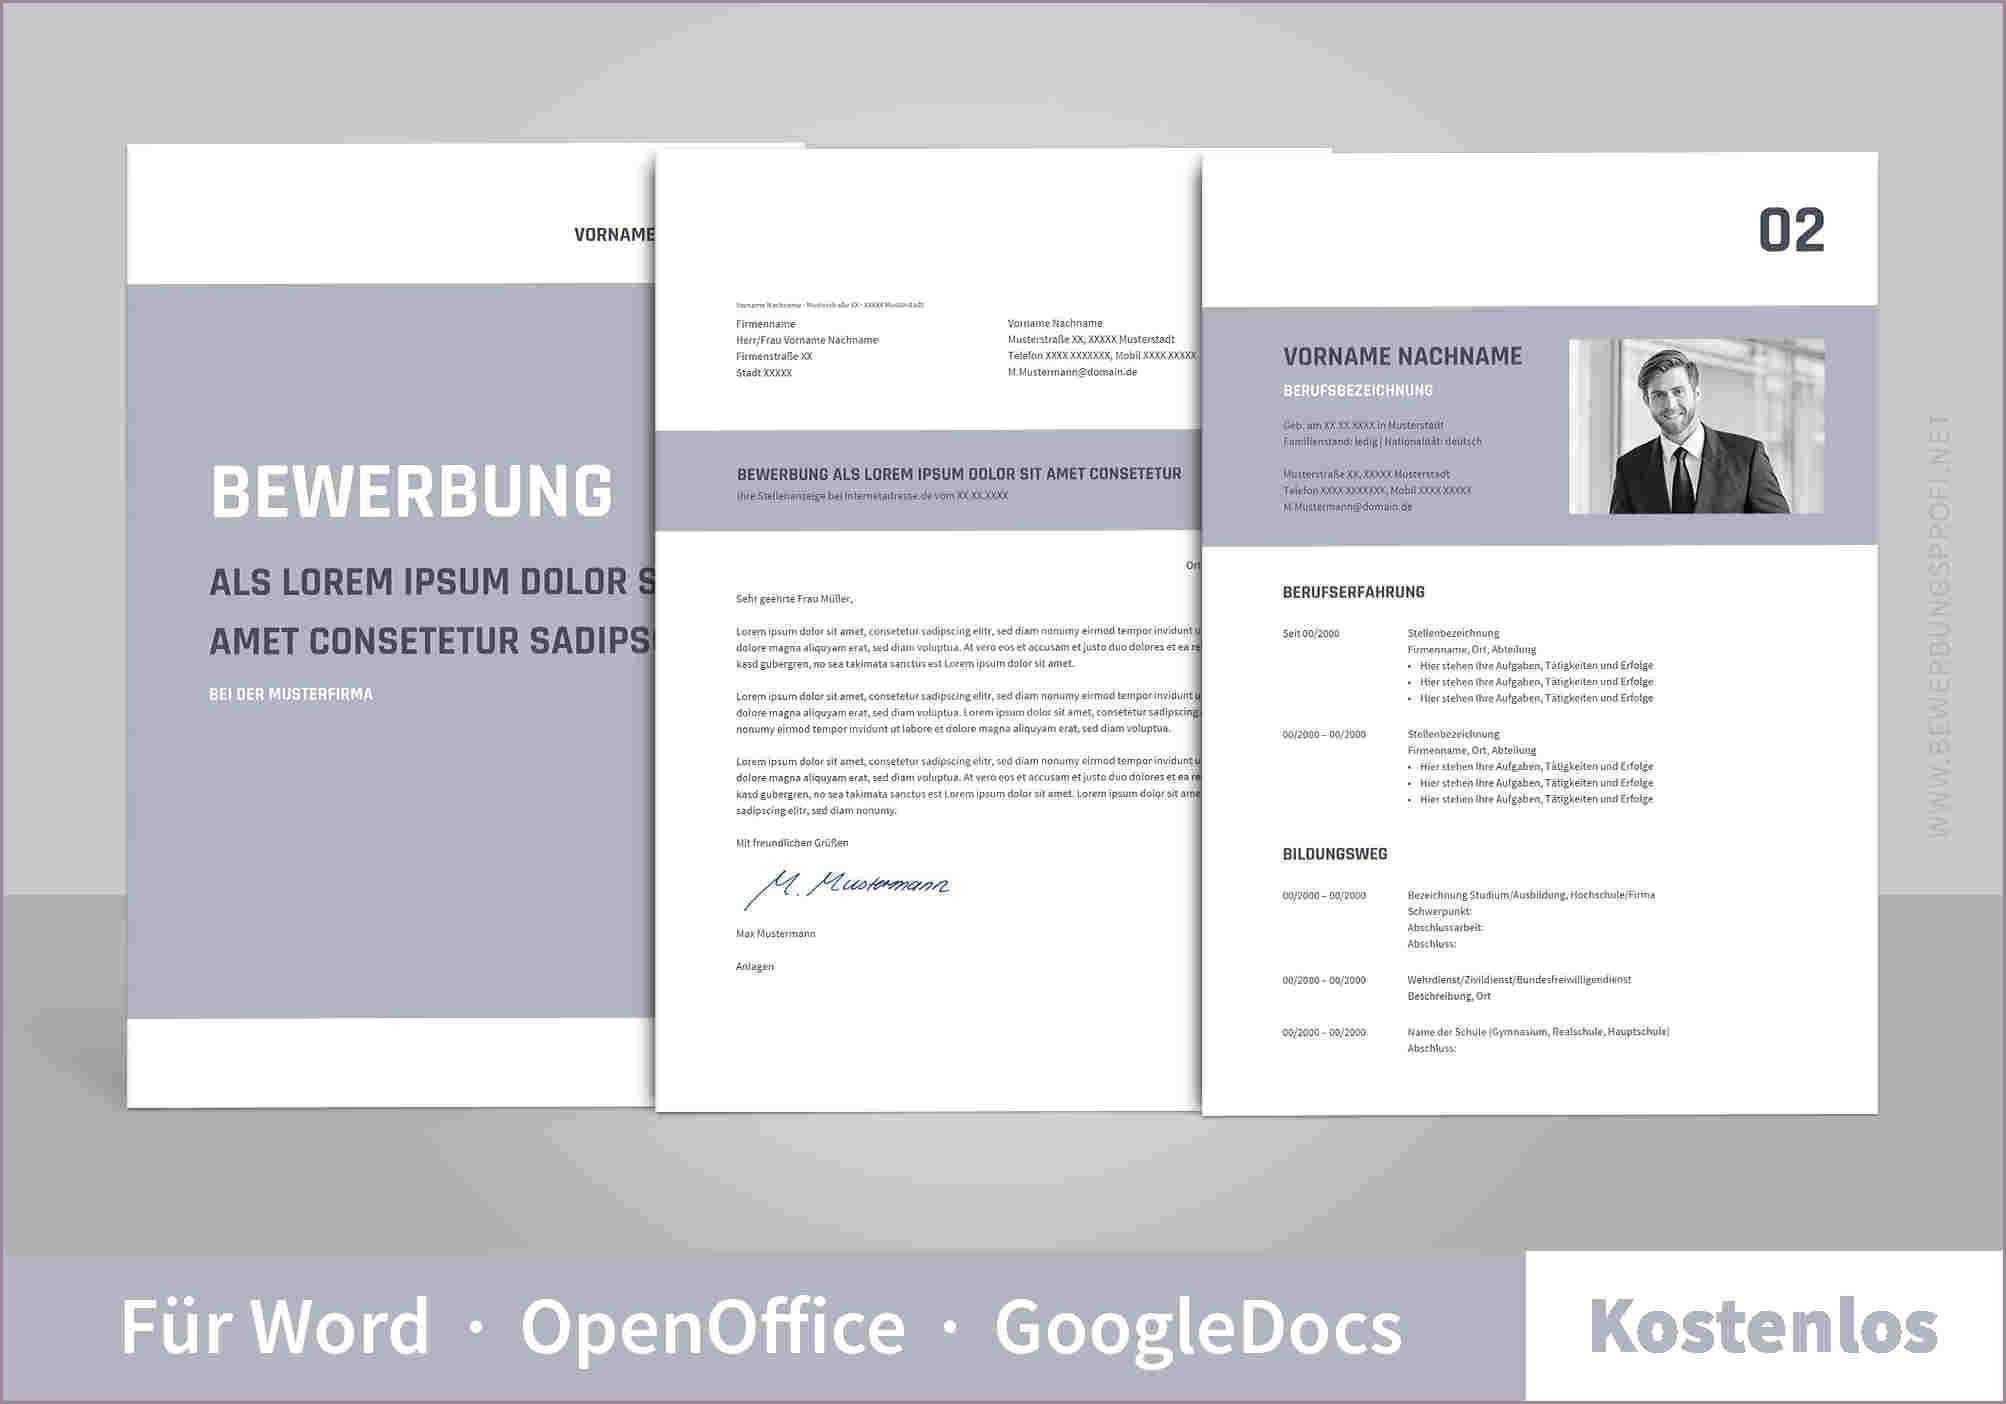 Deckblatt Bewerbung Vorlagen Word Kostenlos Bewerbung Muster Deckblatt Bewerbung Vorlage Bewerbung